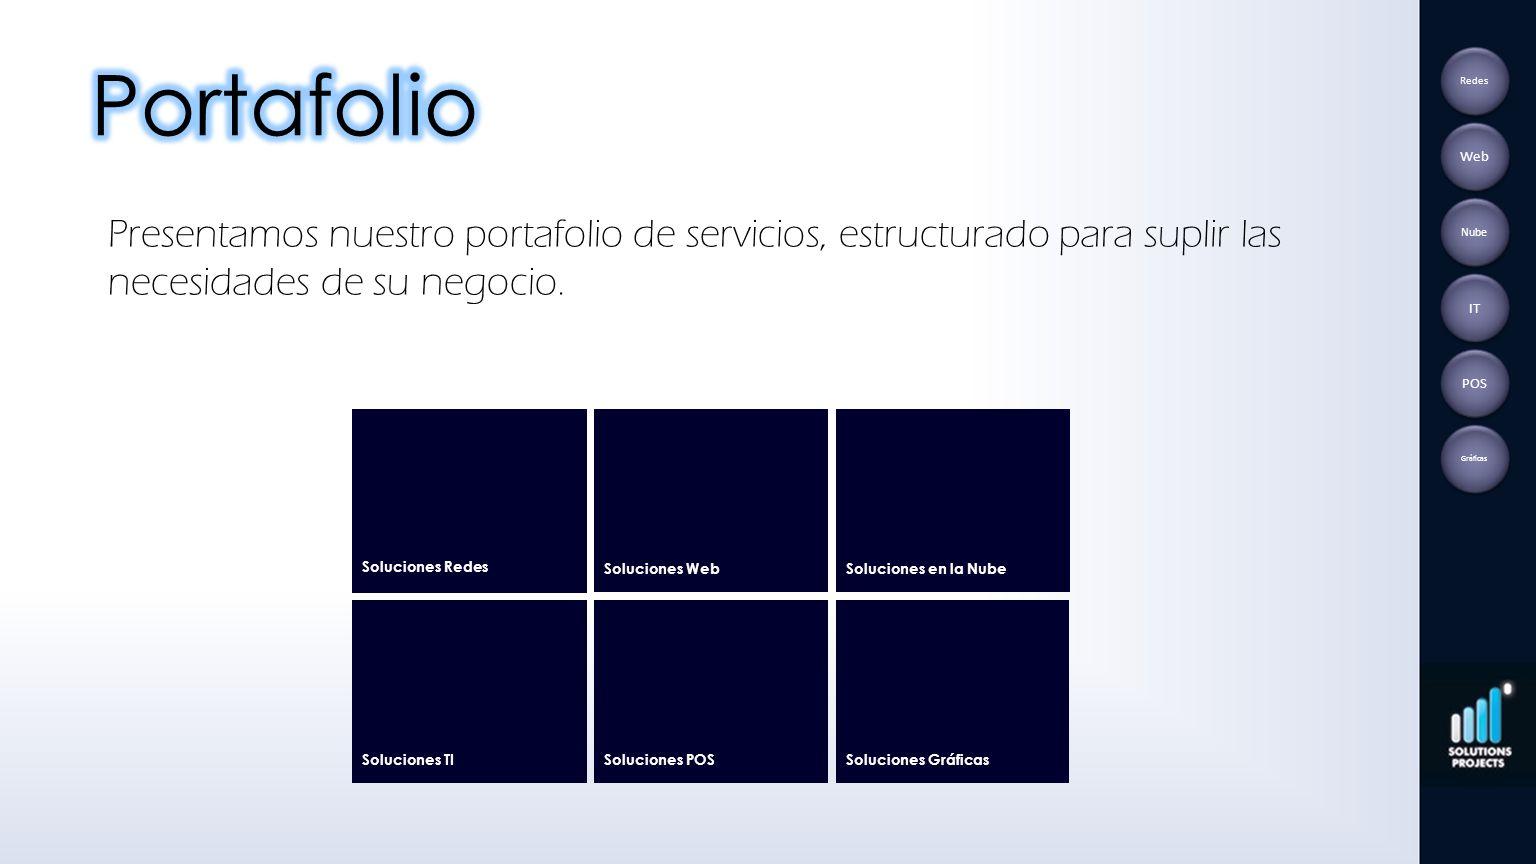 Presentamos nuestro portafolio de servicios, estructurado para suplir las necesidades de su negocio. Soluciones WebSoluciones en la NubeSoluciones TI